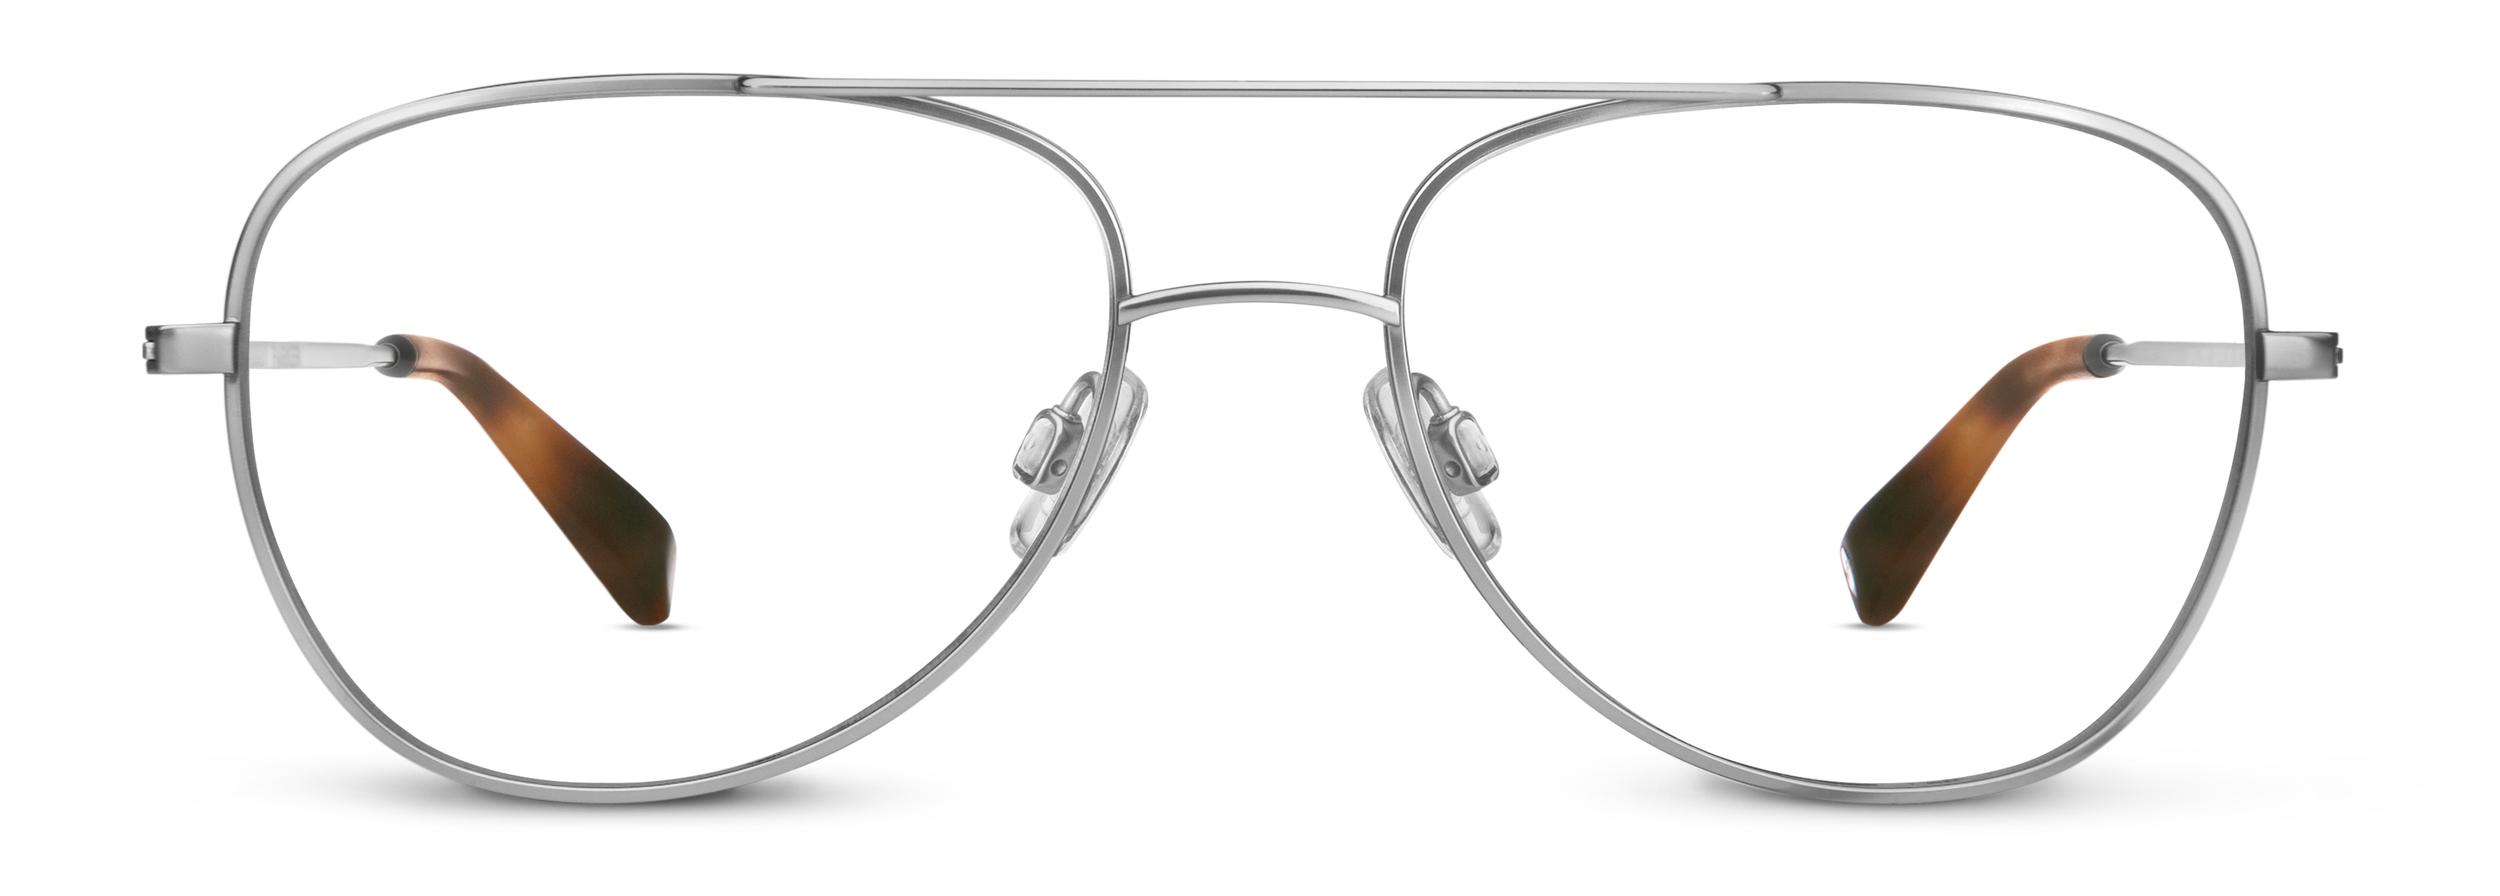 Blog_Glasses_3.jpg